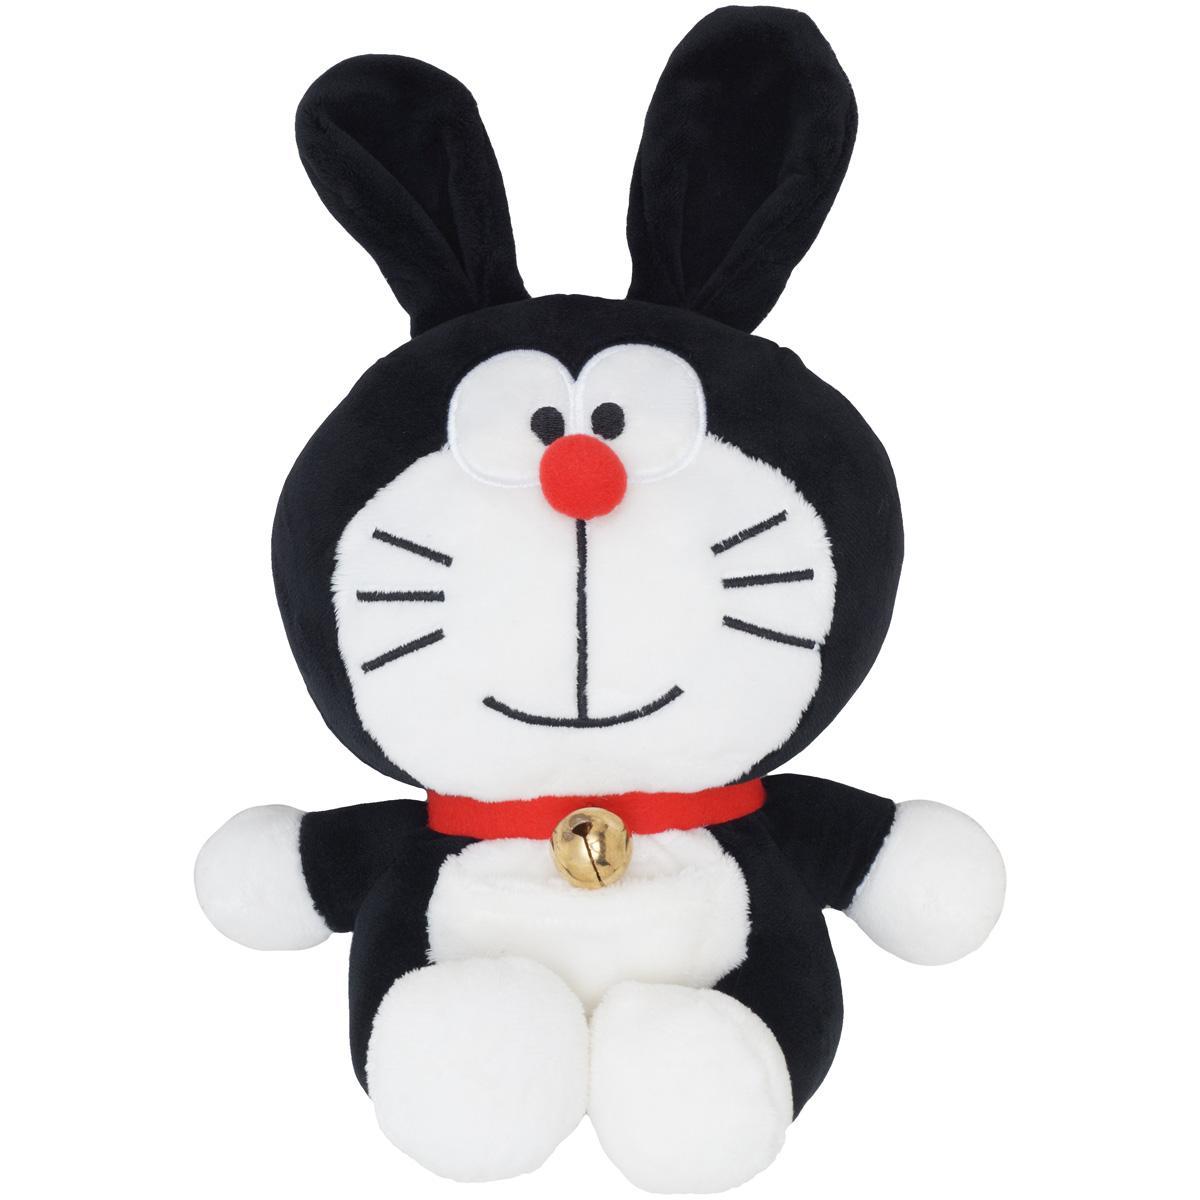 ジャックバニー Jack Bunny!! ドラえもんヘッドカバー FW用[ゴルフ ヘッドカバー フェアウェイウッド FW]